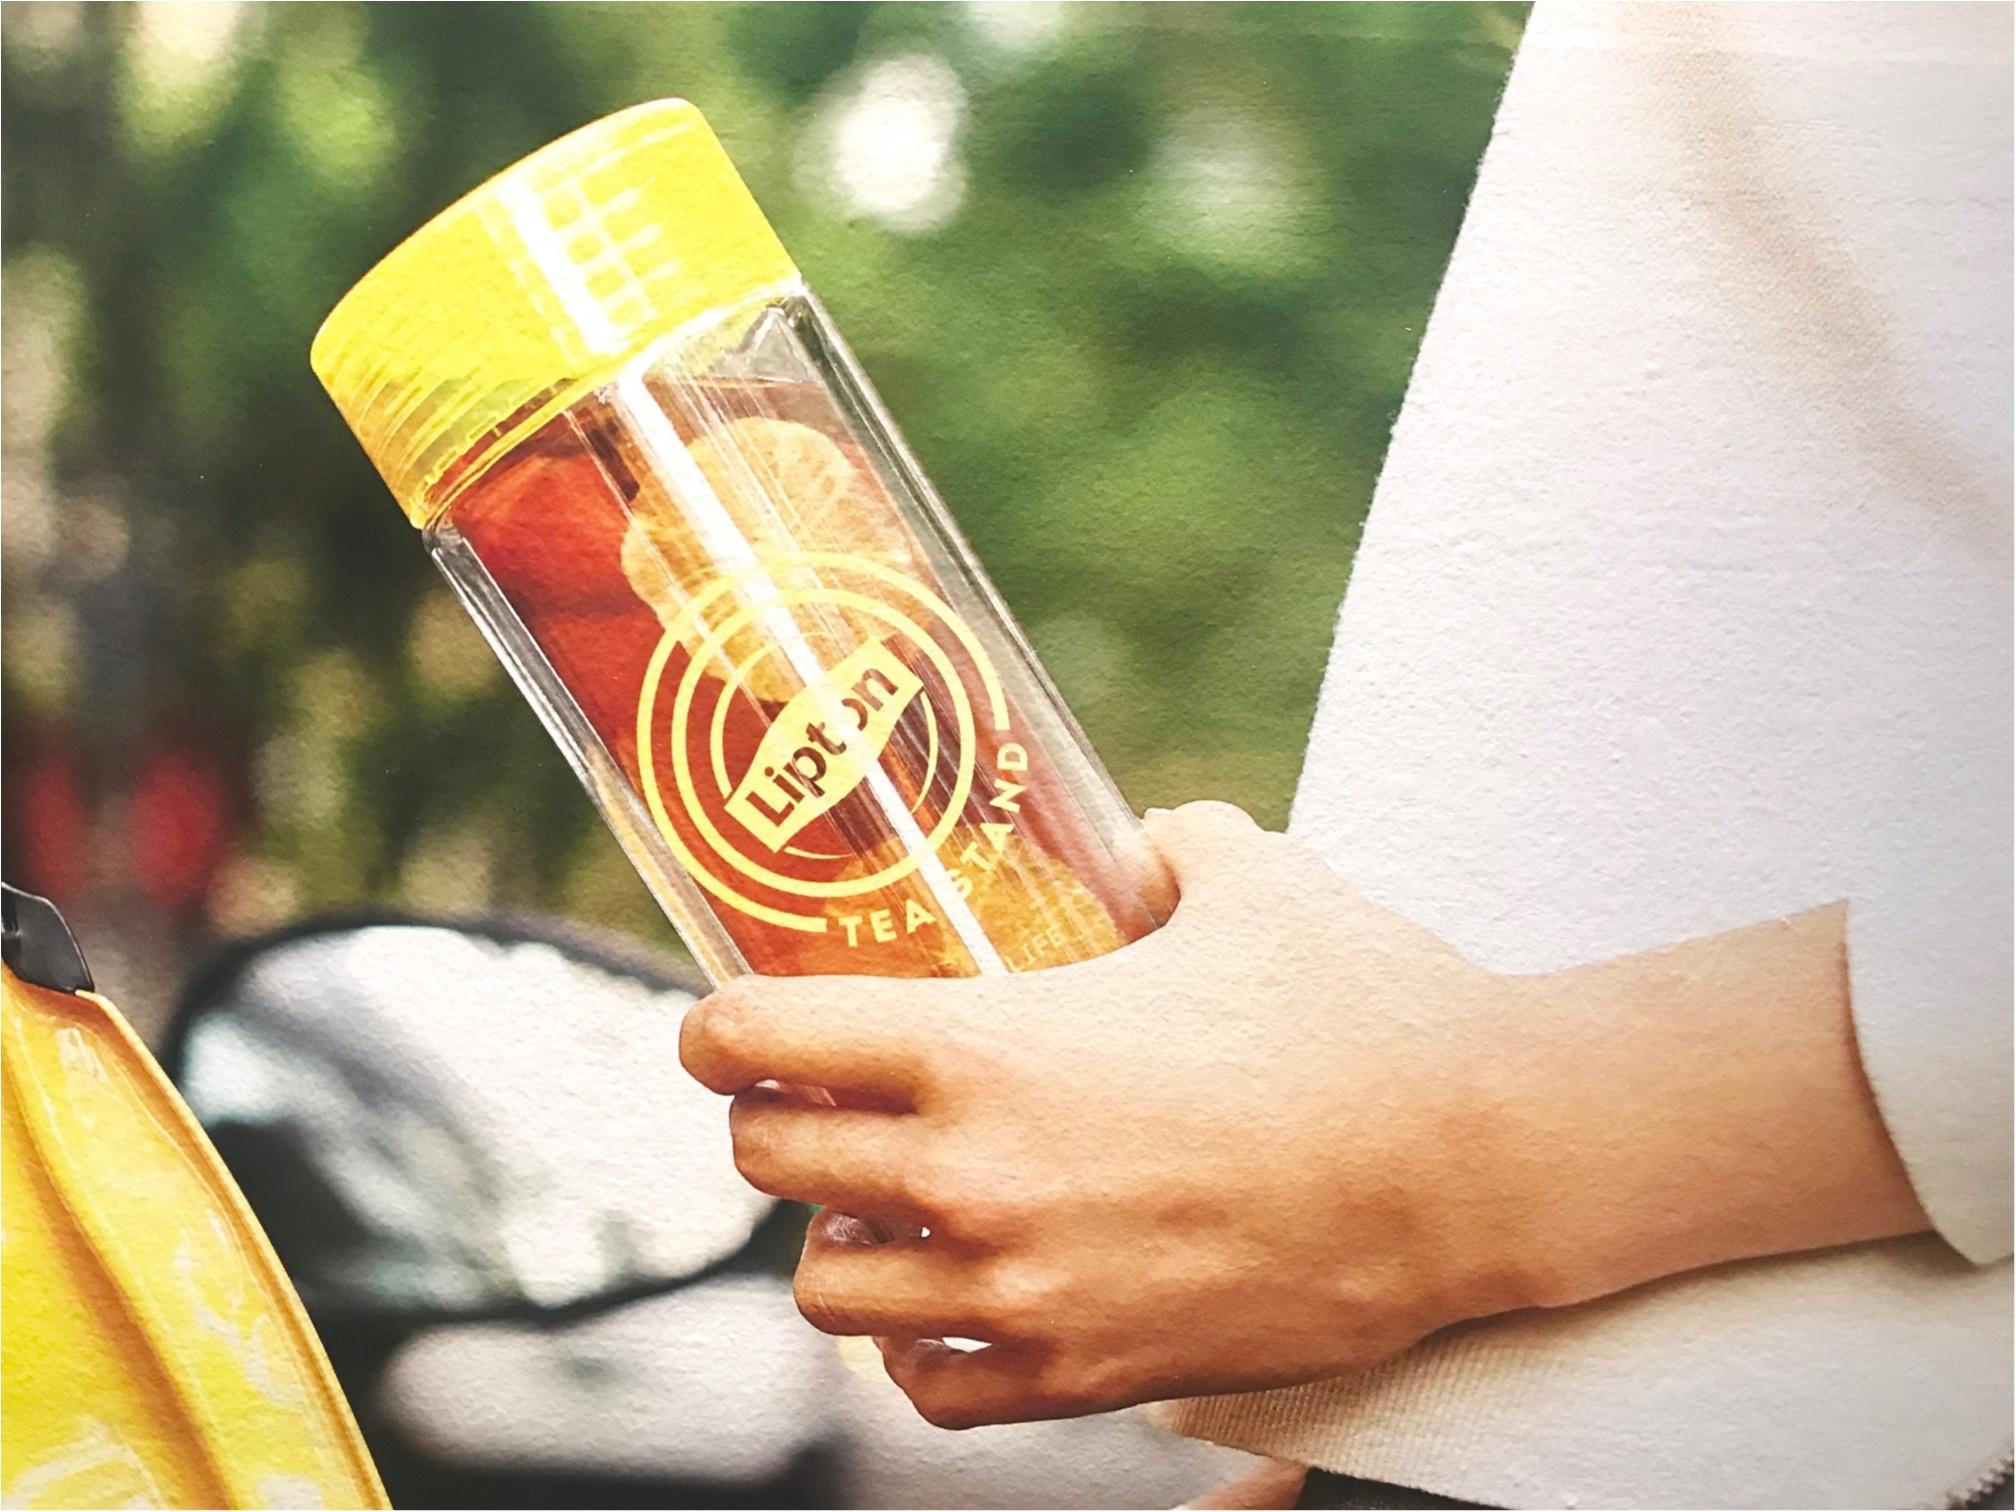 表参道・大阪で大人気のあの『リプトン』イベントがお店になった! 「Lipton Tea Stand」が、札幌北広島・名古屋・博多にオープン★_4_2